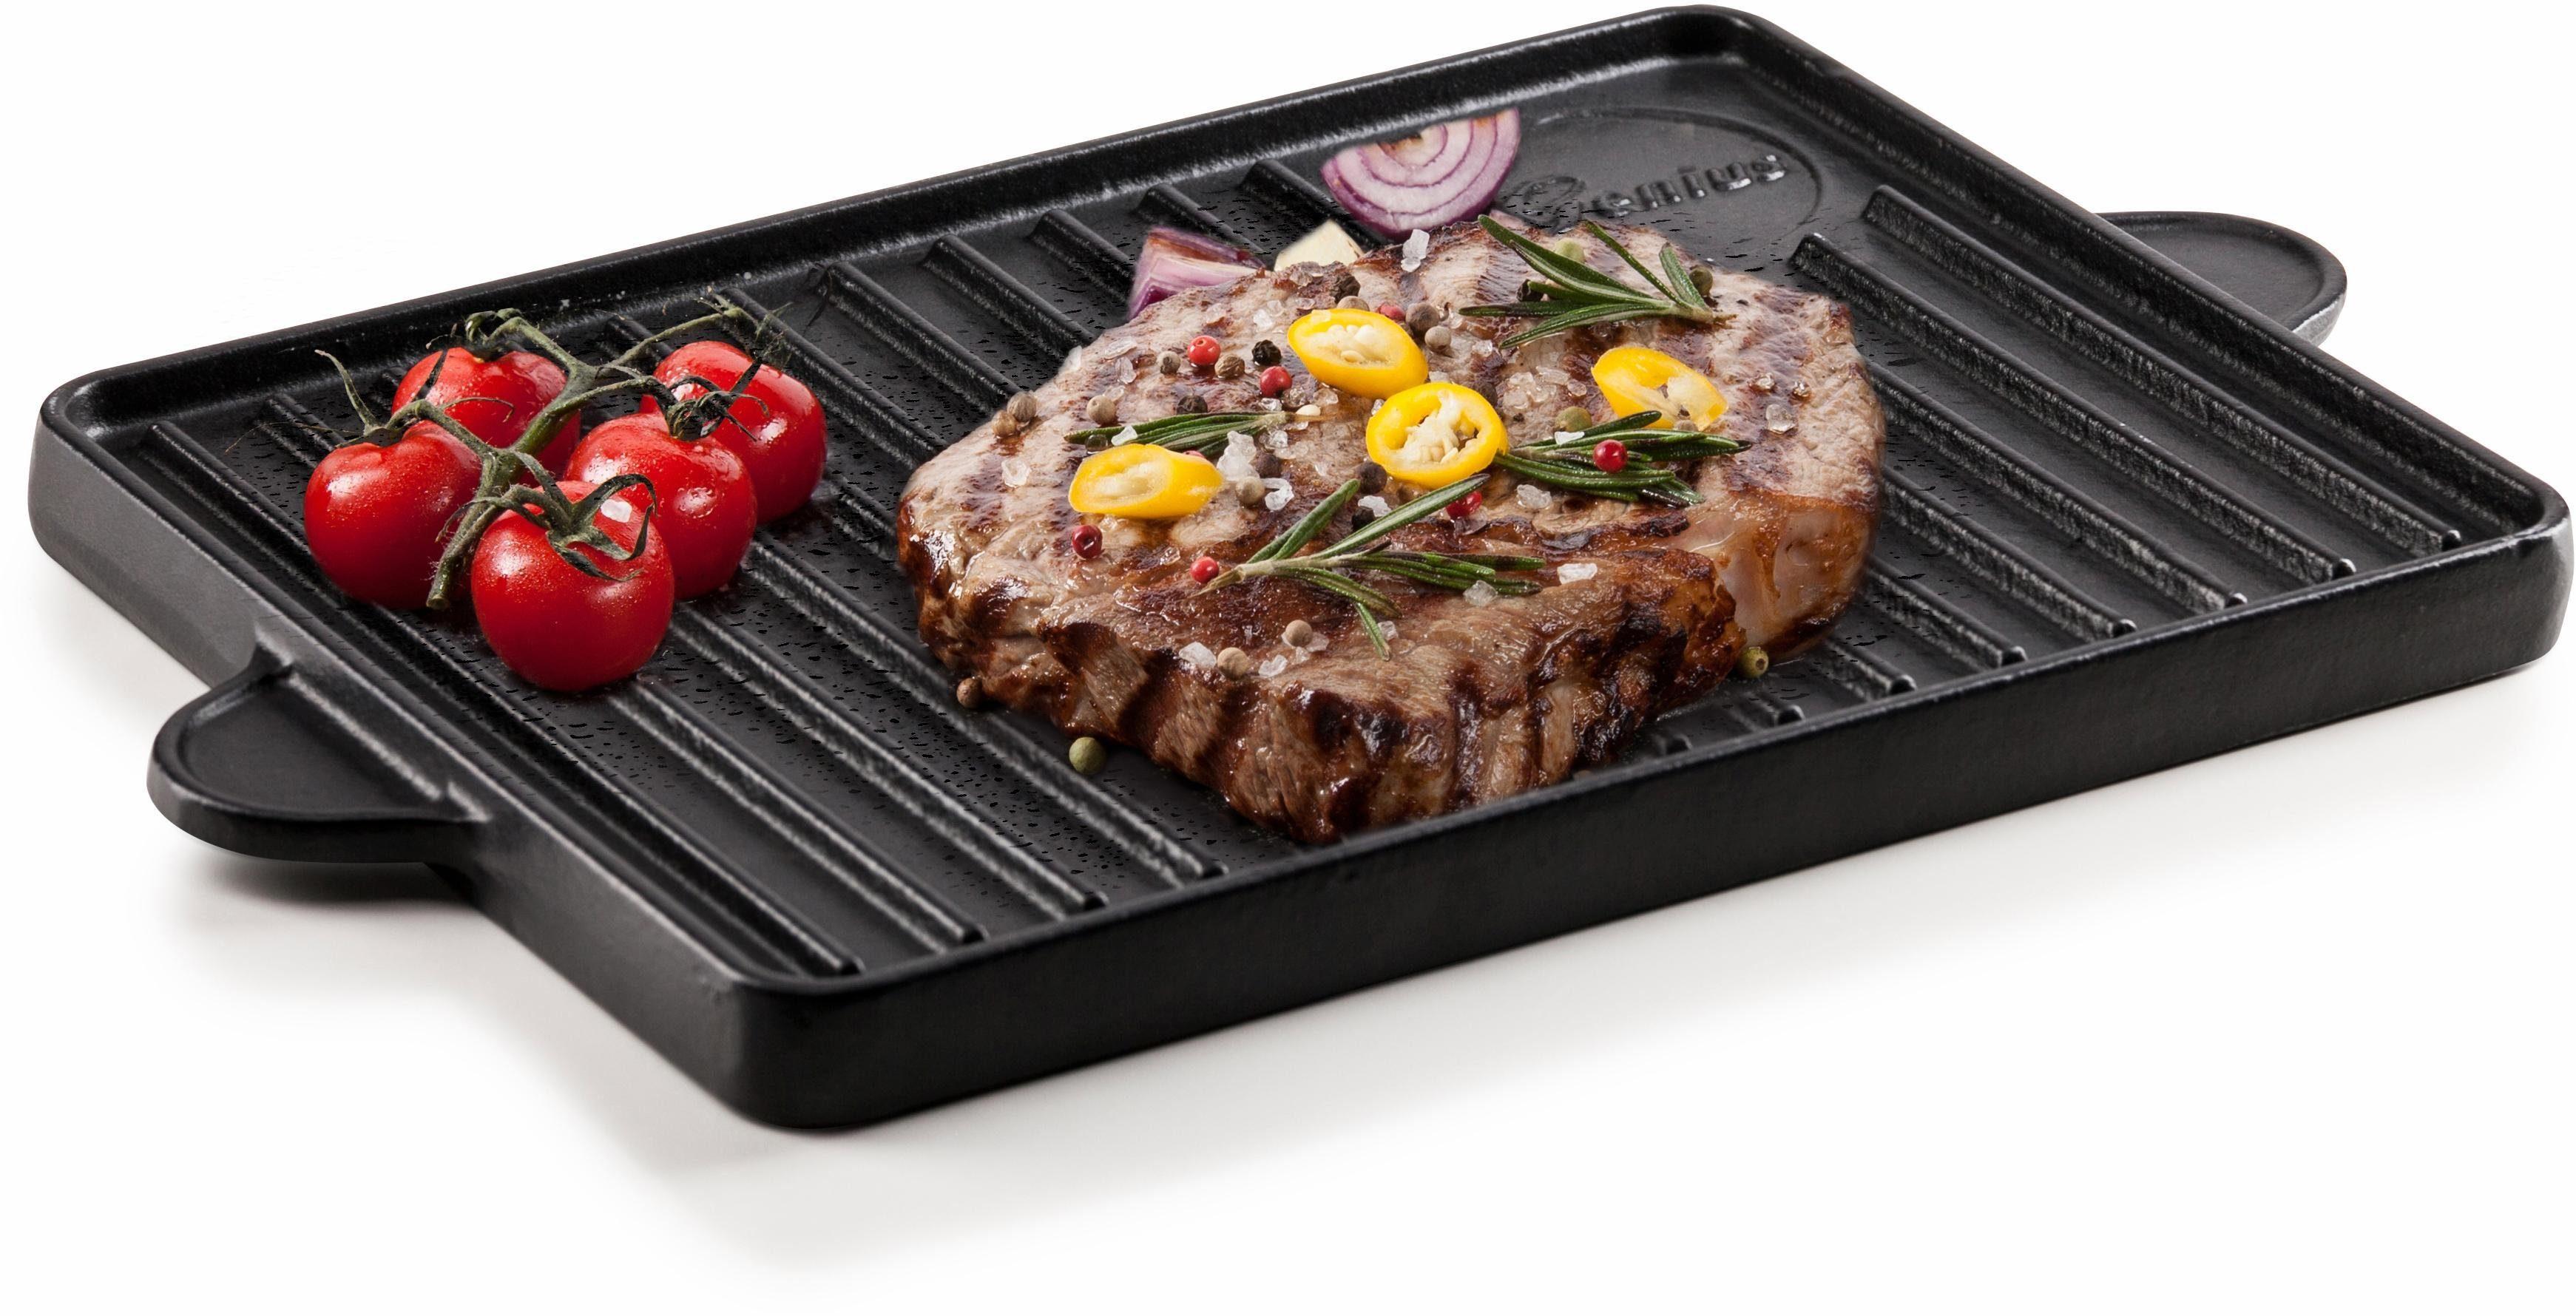 Landmann Gasgrill Otto : Genius grill platte bbq online kaufen otto